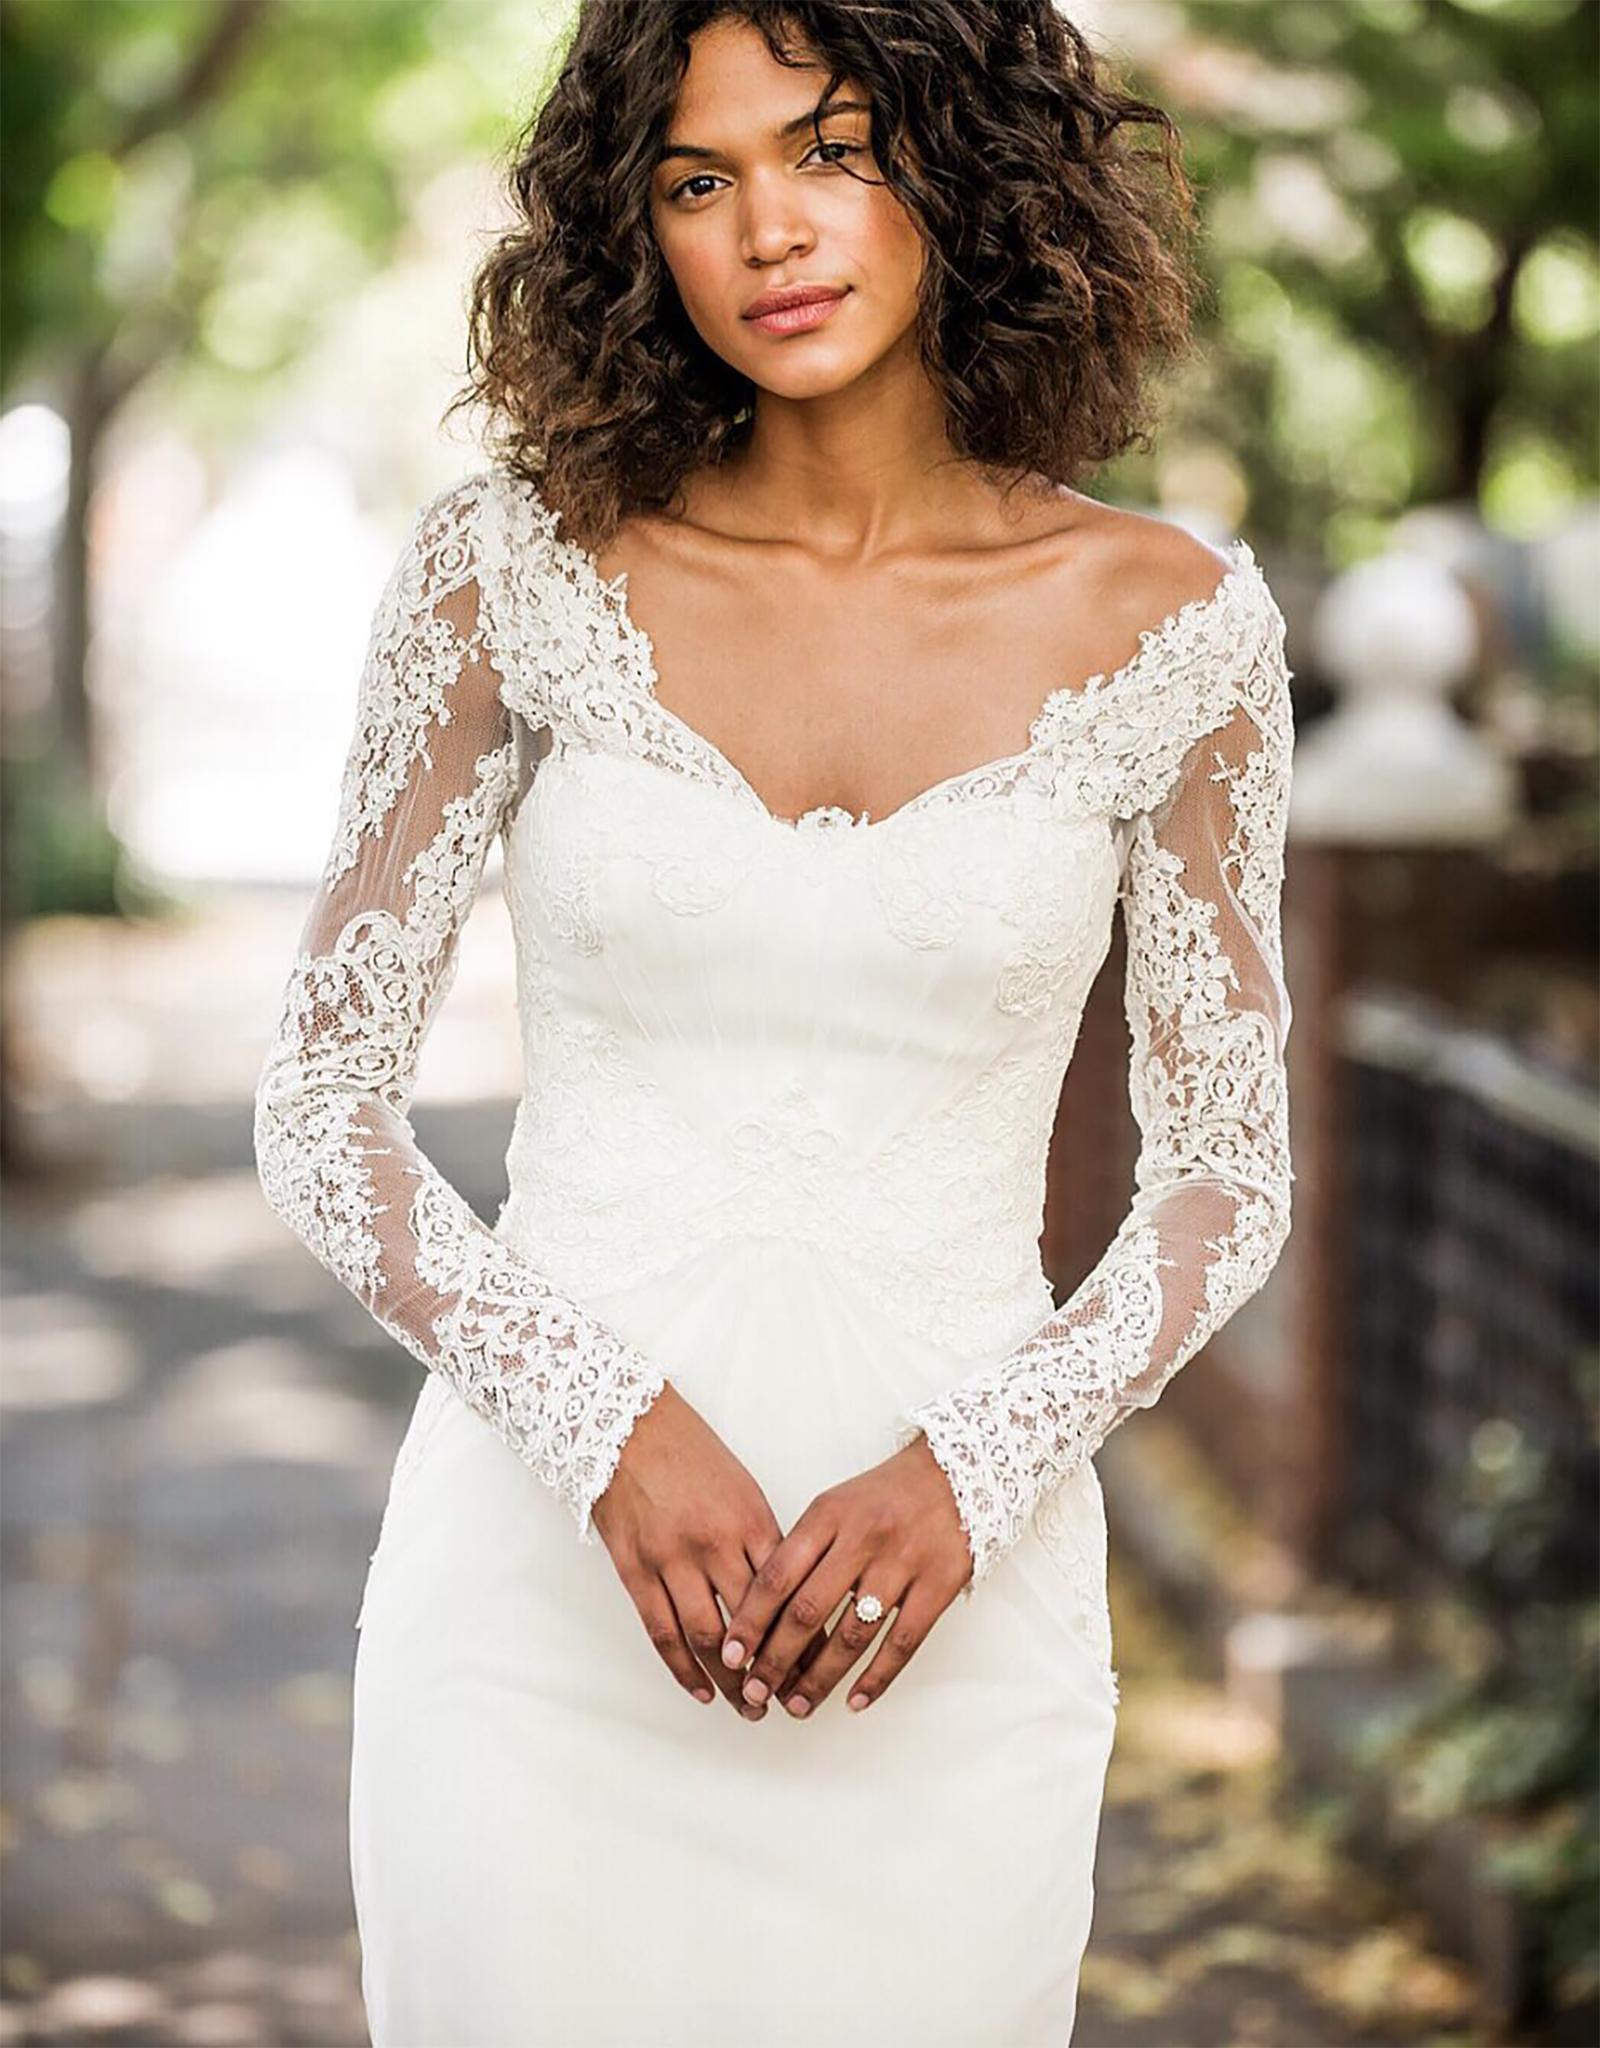 vestidos de novia, boda, bodas, vestido, bridal, moda, moda sostenible